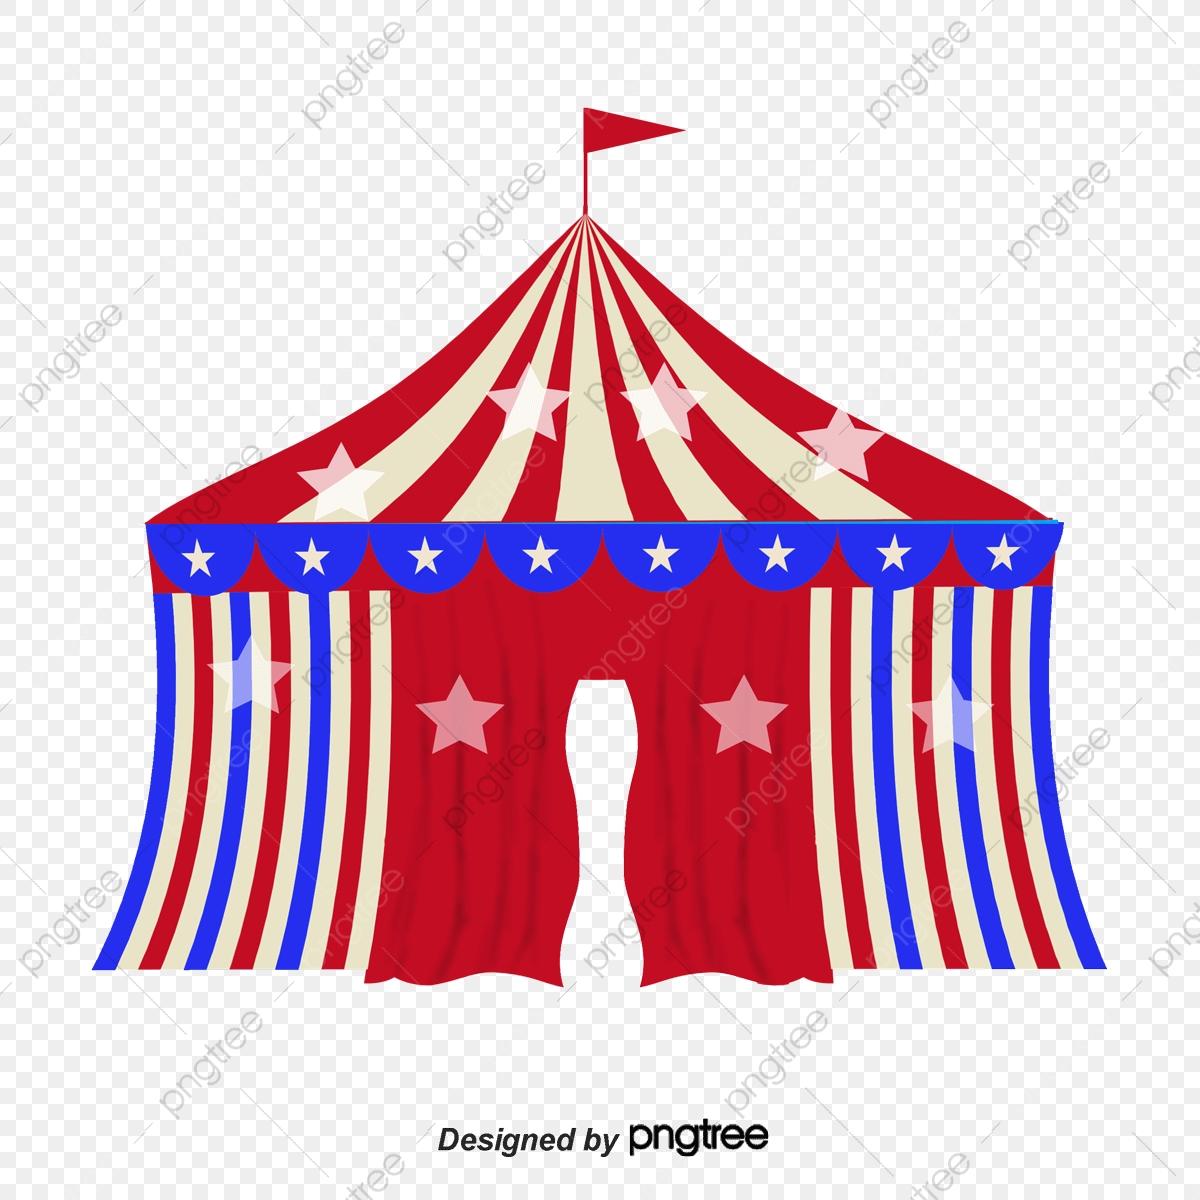 Uma Tenda De Circo , O Circo, Tenda, Ger Arquivo PNG e PSD.